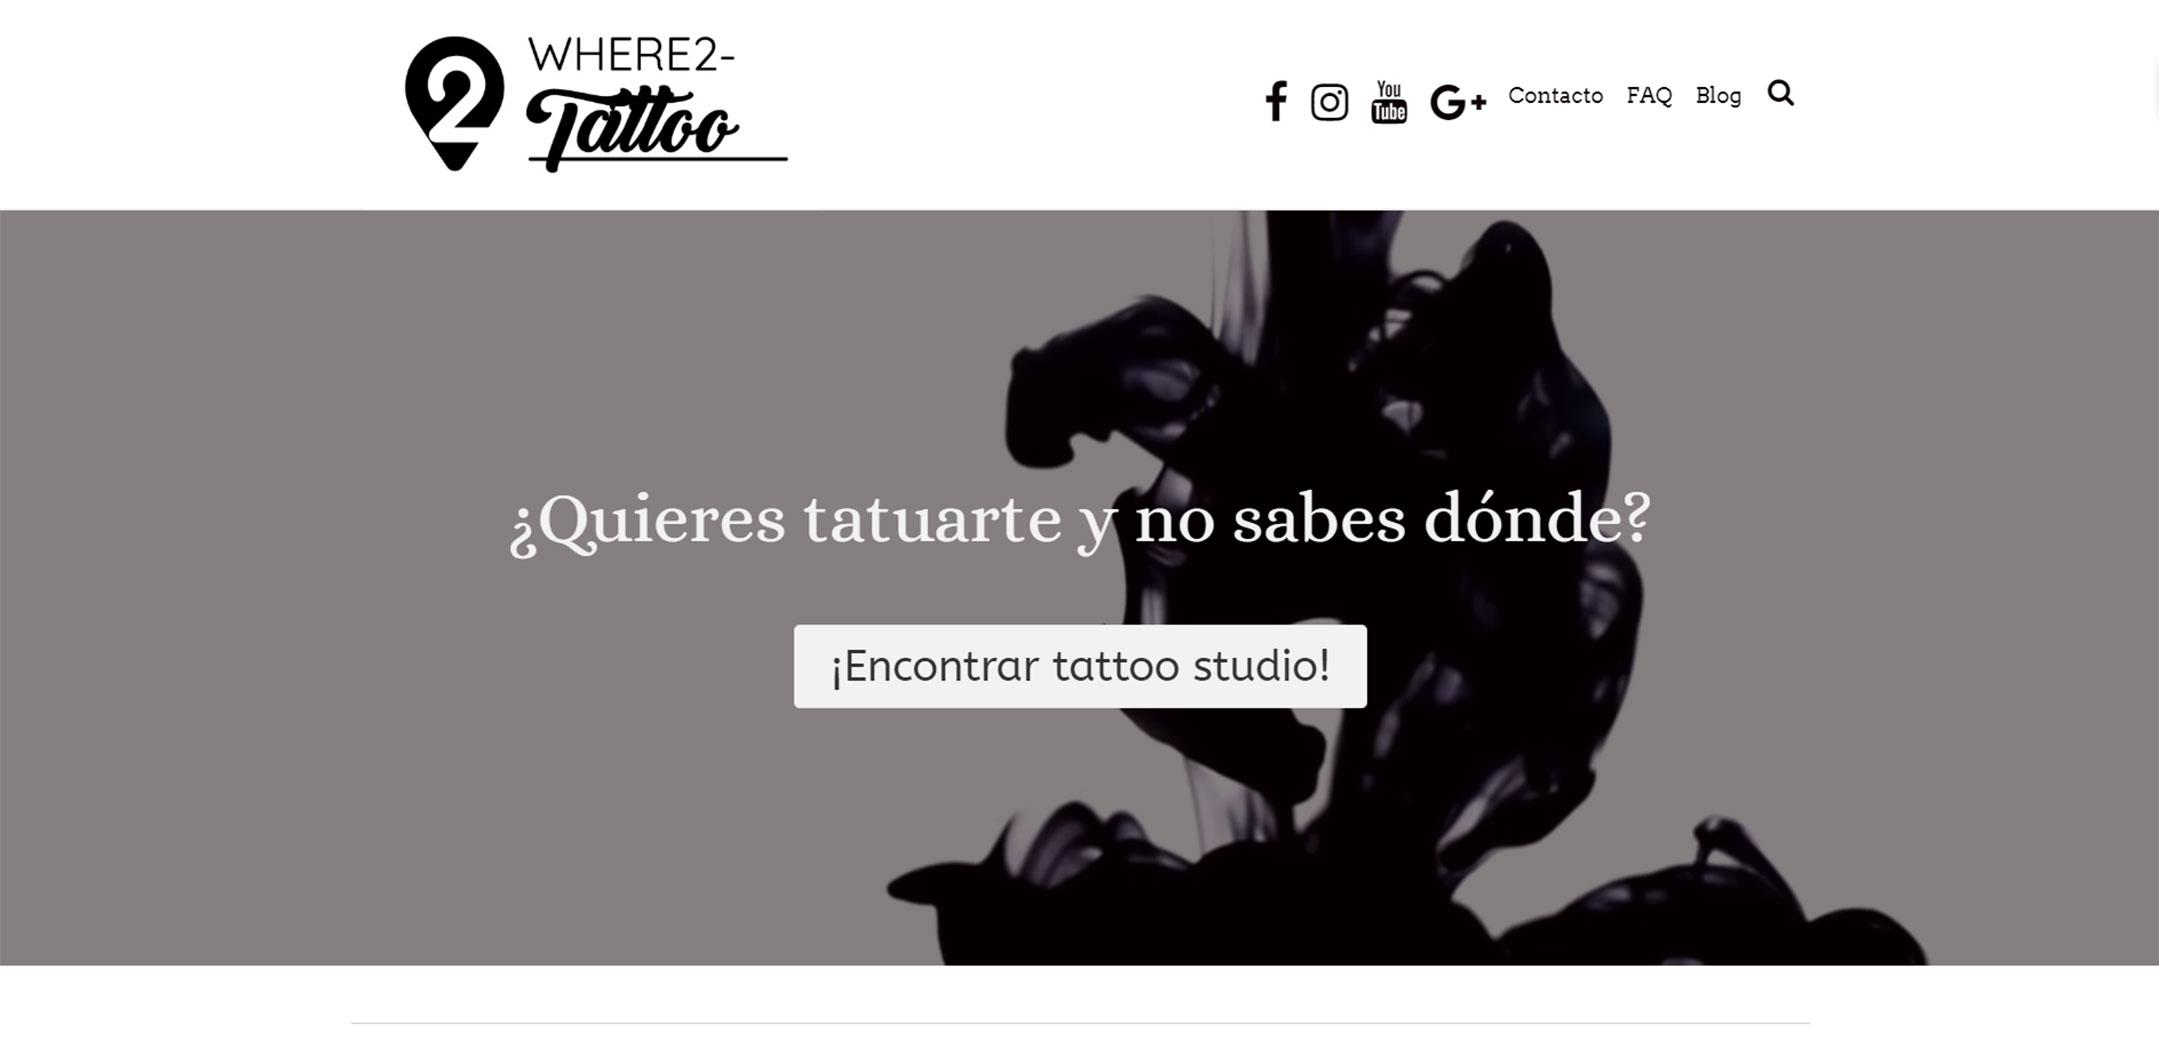 Where2-tattoo